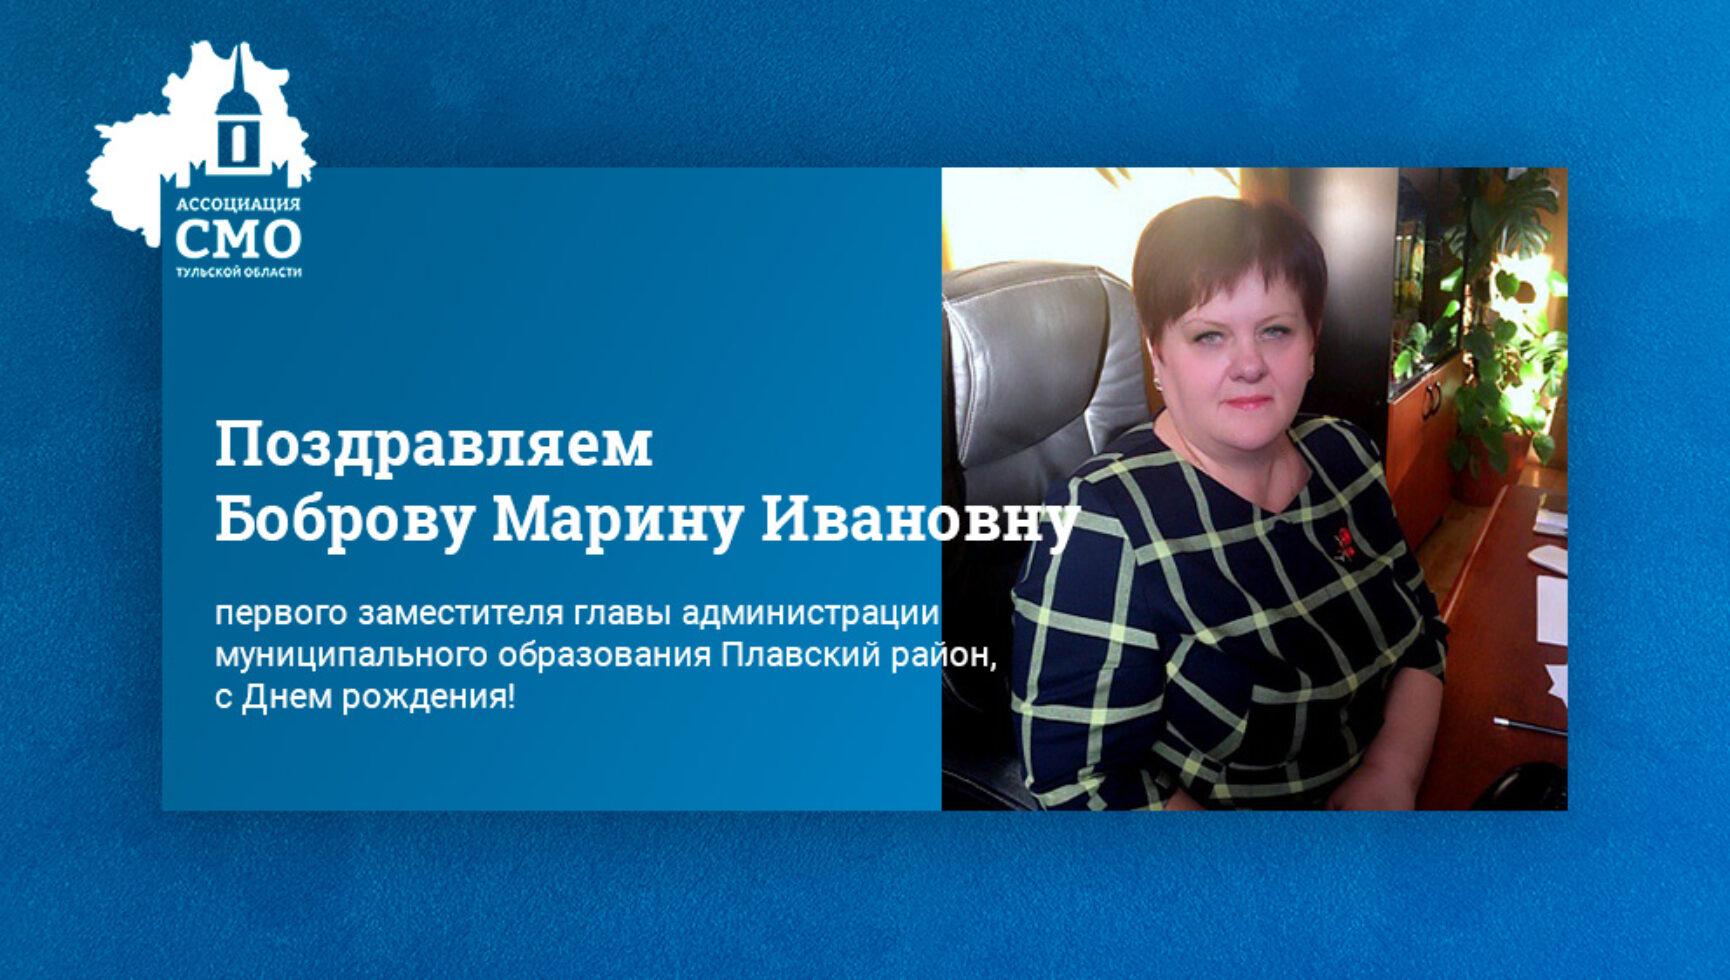 Поздравляем Боброву Марину Ивановну, первого заместителя главы администрации муниципального образования Плавский район, с Днем рождения!